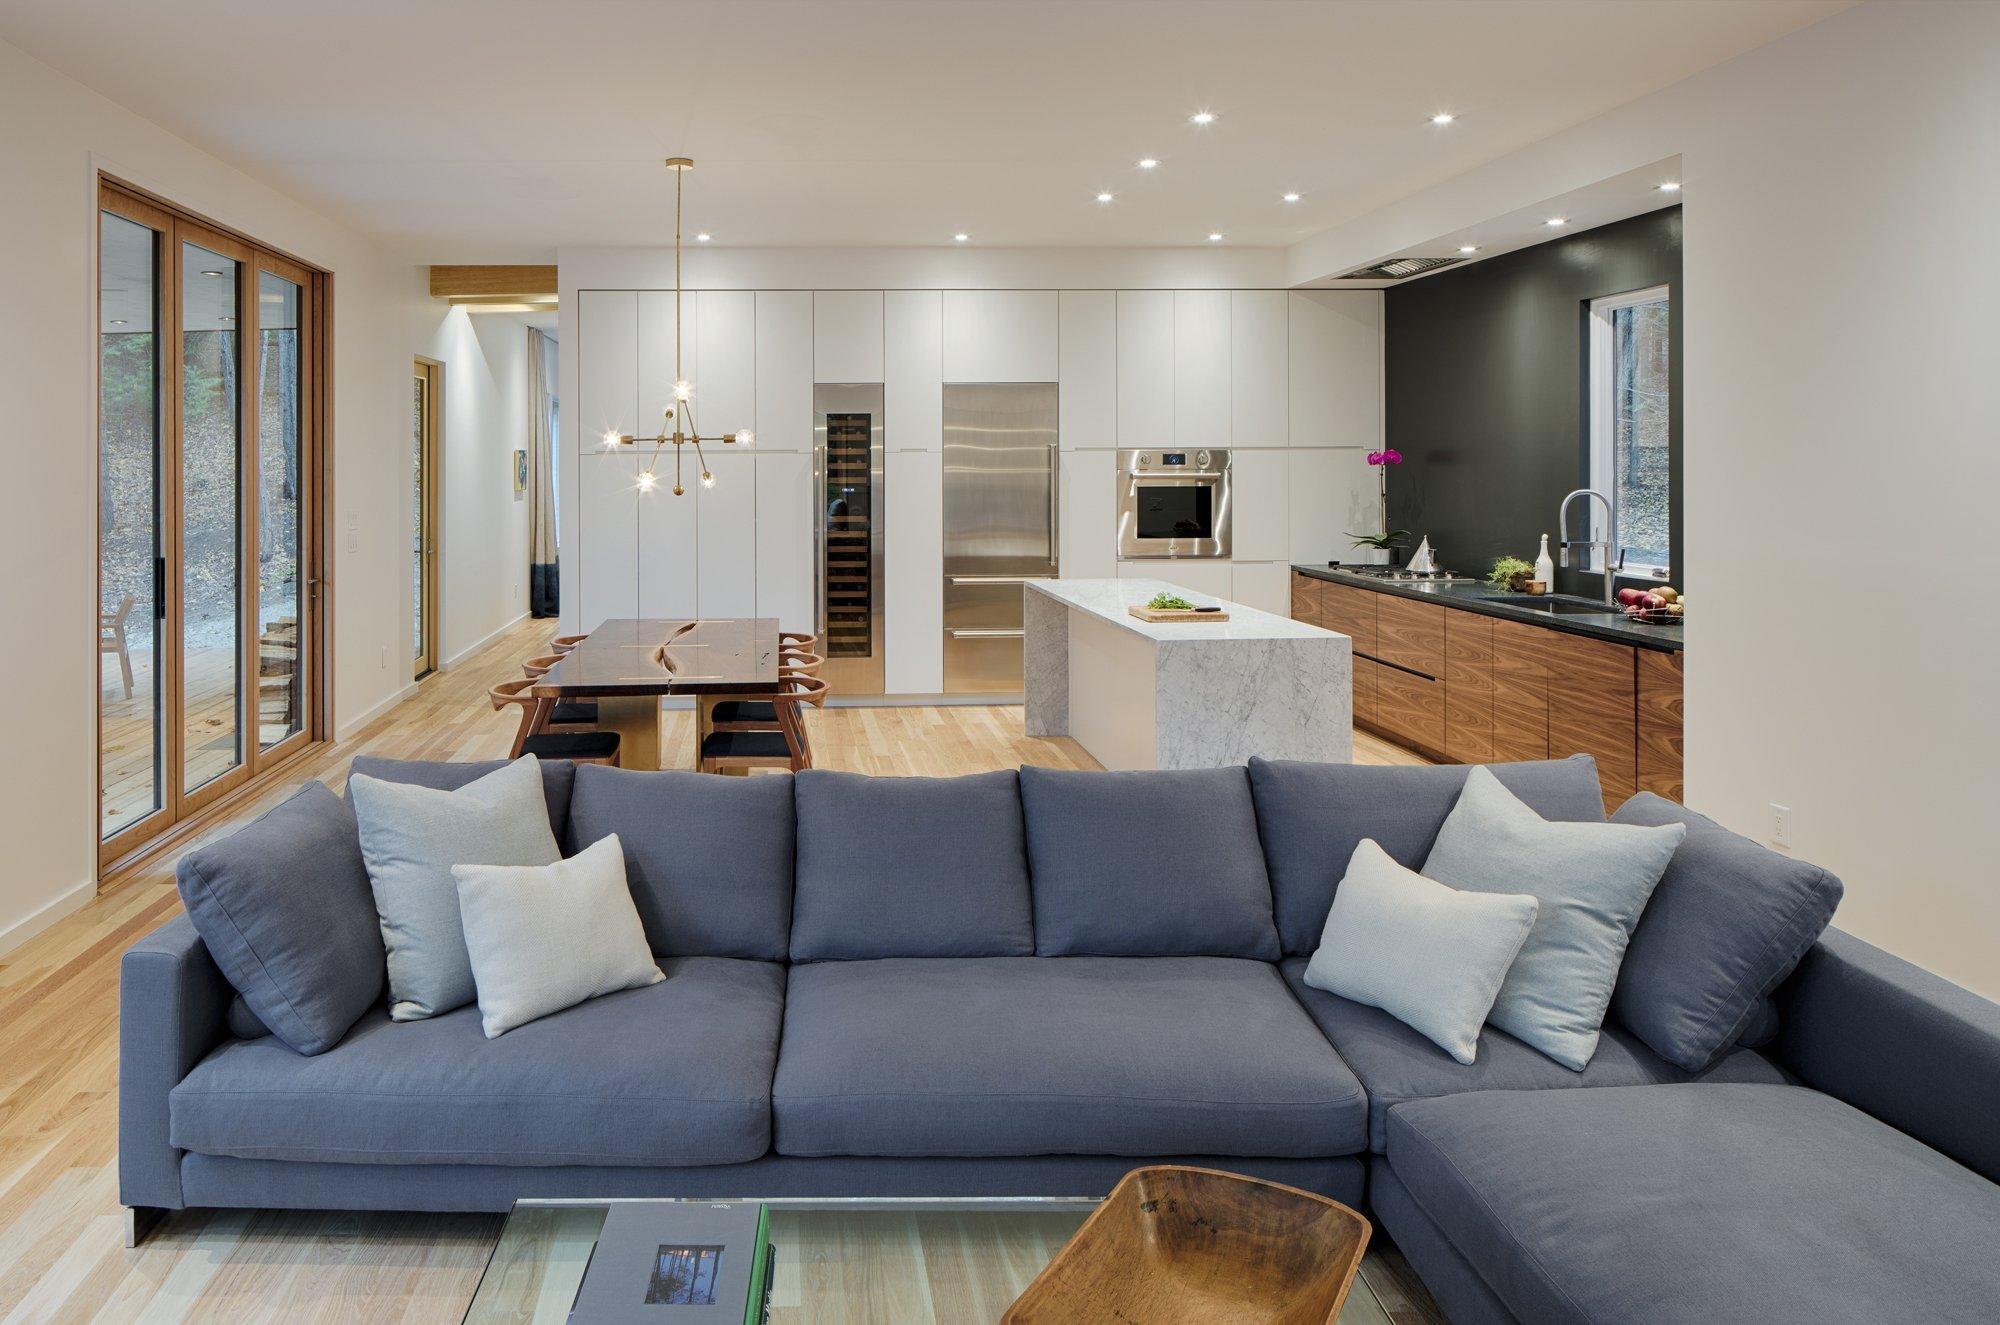 """Když se řekne bydlení v New Yorku, většina z nás si asi představí loftový byt vybavený tím nejoriginálnějším nábytkem. Nicméně i bydlení v New Yorku se může nést v o dost klidnějším duchu. Důkazem toho je tento projekt nazvaný """"únik"""", který ztvárnili architekti ze studia MM Architect a vytvořili tak uprostřed lesa Hudson Valley velmi pohodlné, komfortní a praktické bydlení."""